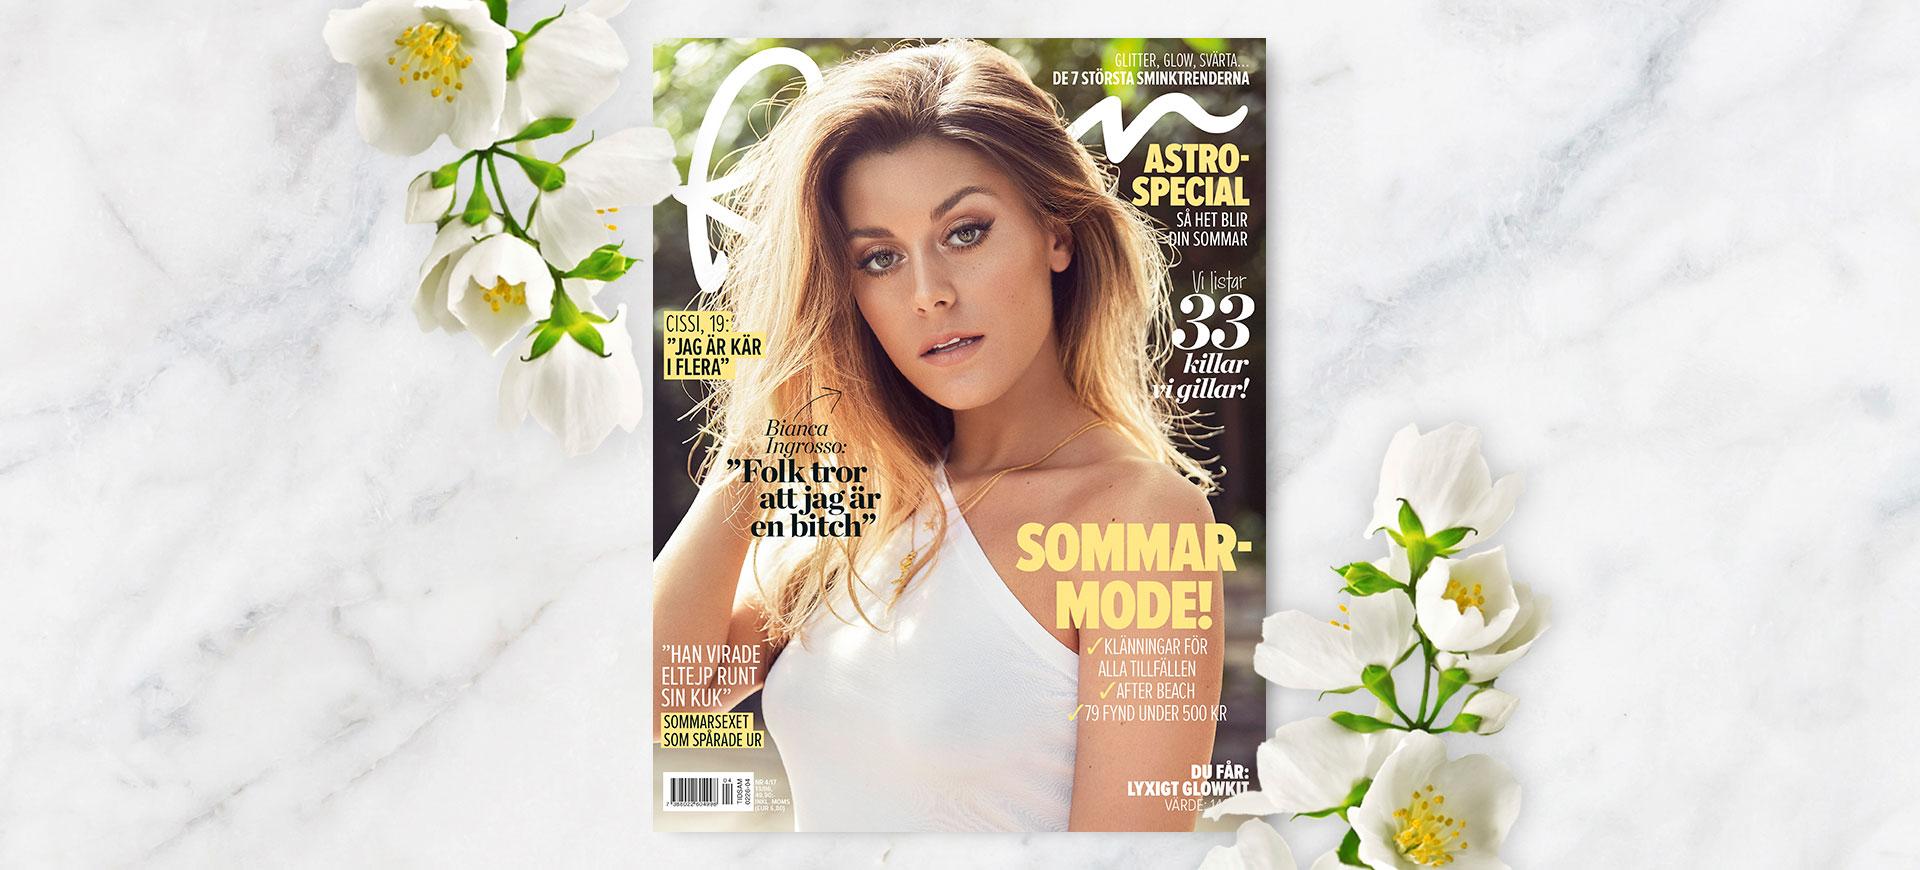 Bianca Ingrosso i stor intervju i nya numret av VeckoRevyn